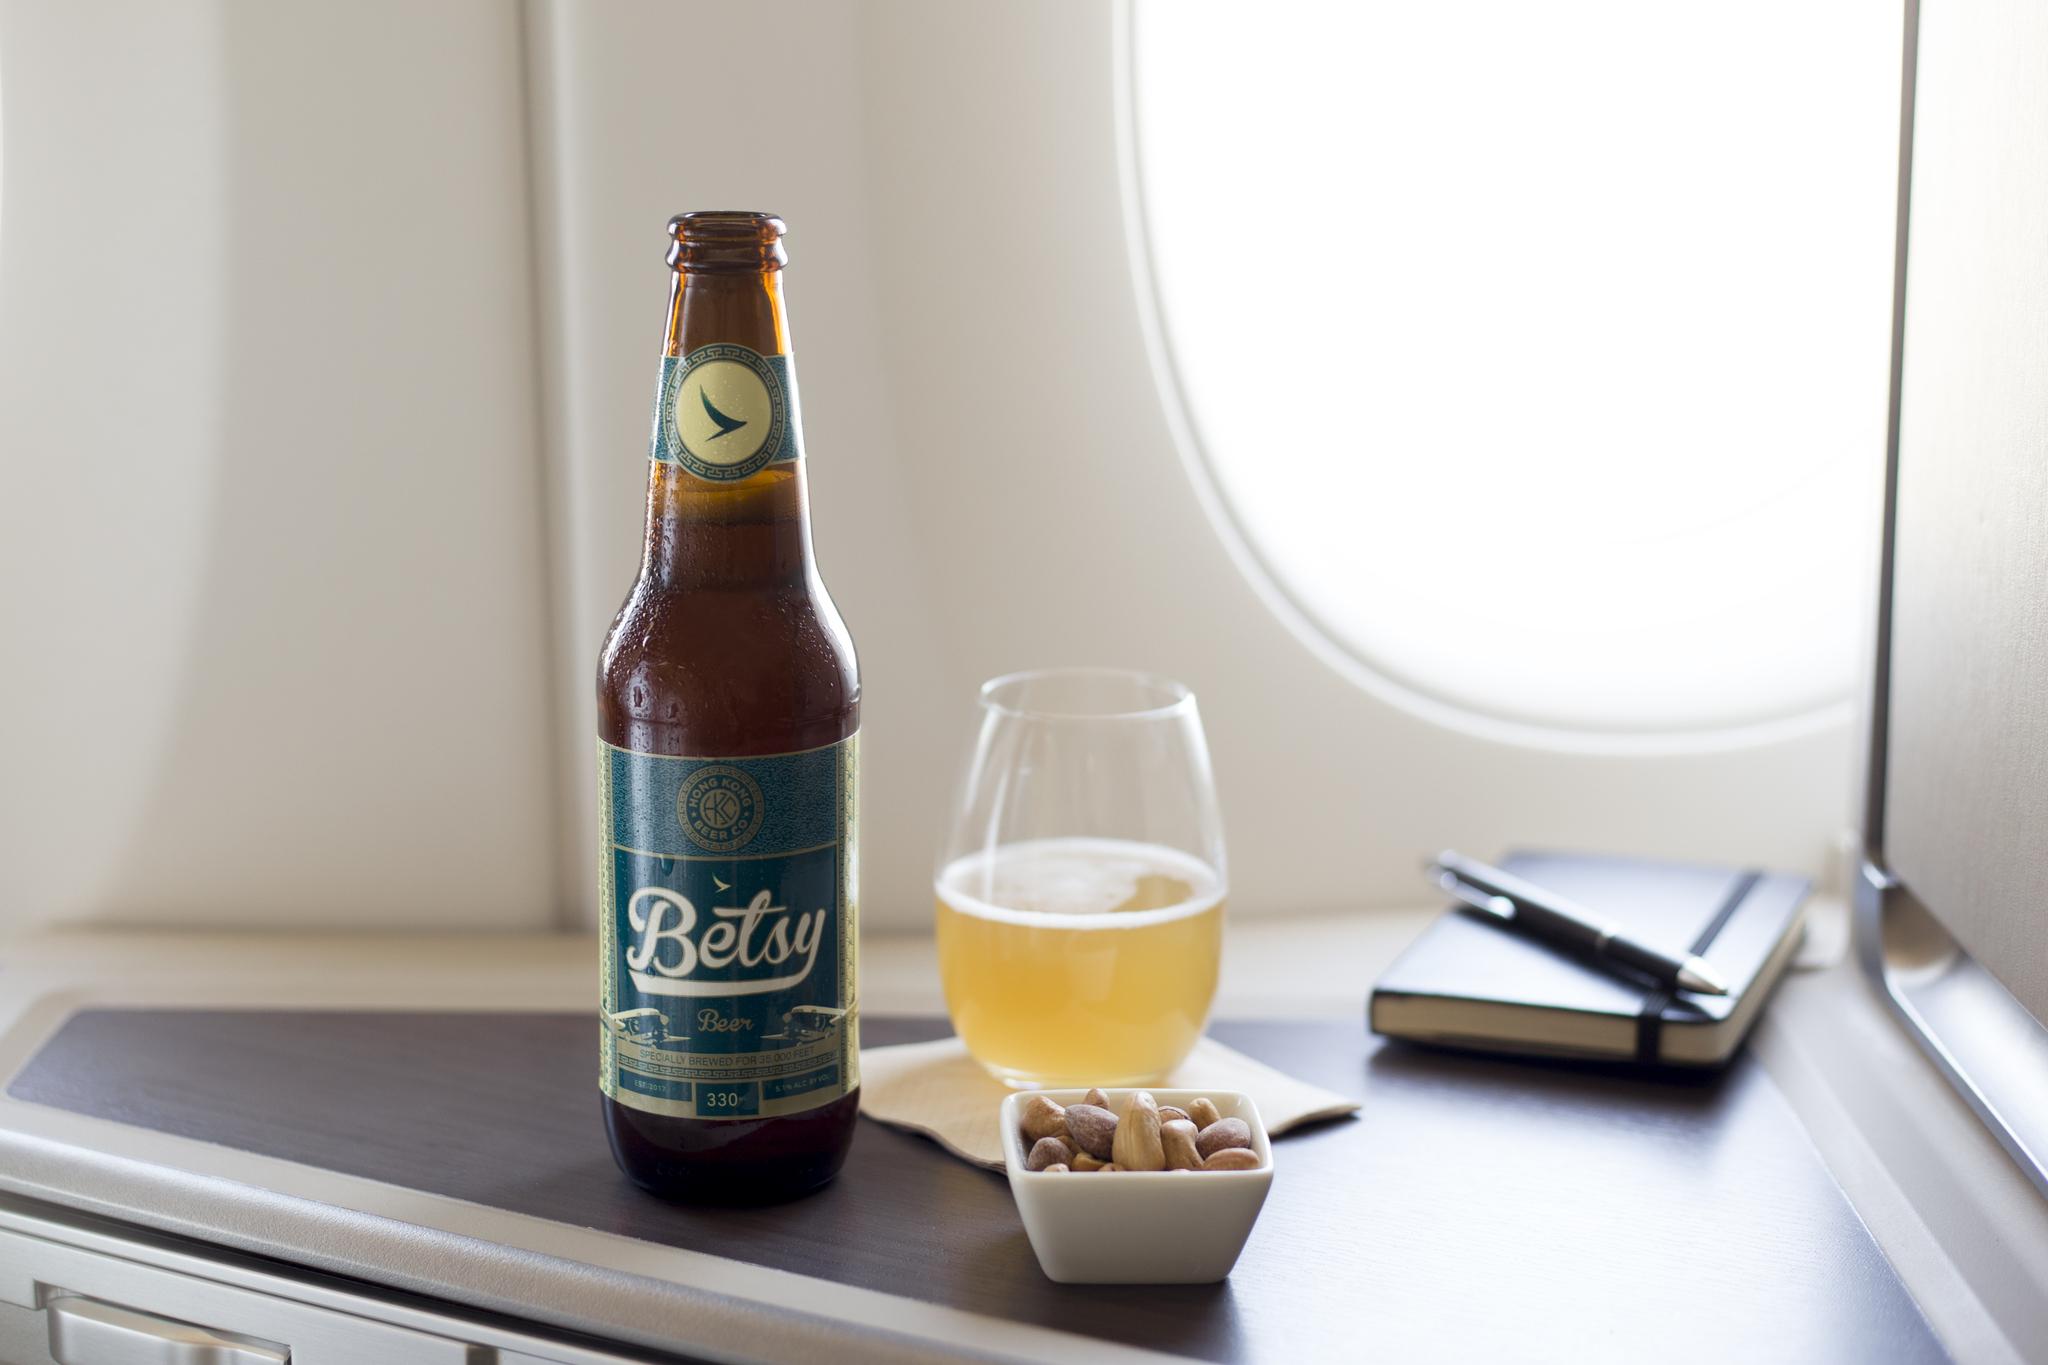 캐세이 퍼시픽이 제공하는 비행기 전용 맥주 베시 비어.